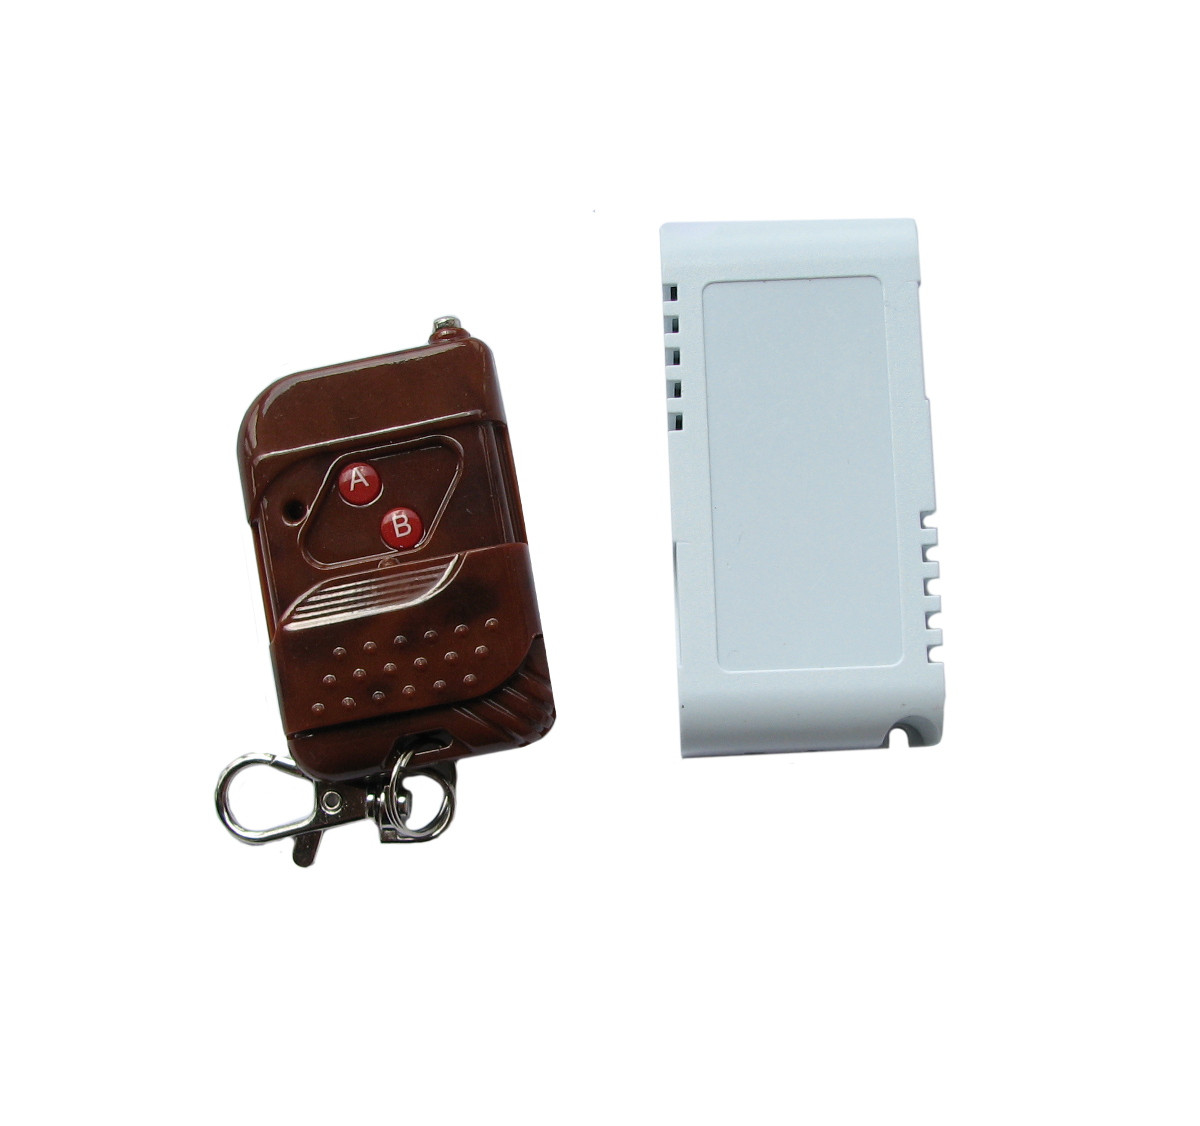 Радио Реле Беспроводное Радиореле 1 канал питание 220В 315МГц кодировка PT2262 Дистанционный выключатель